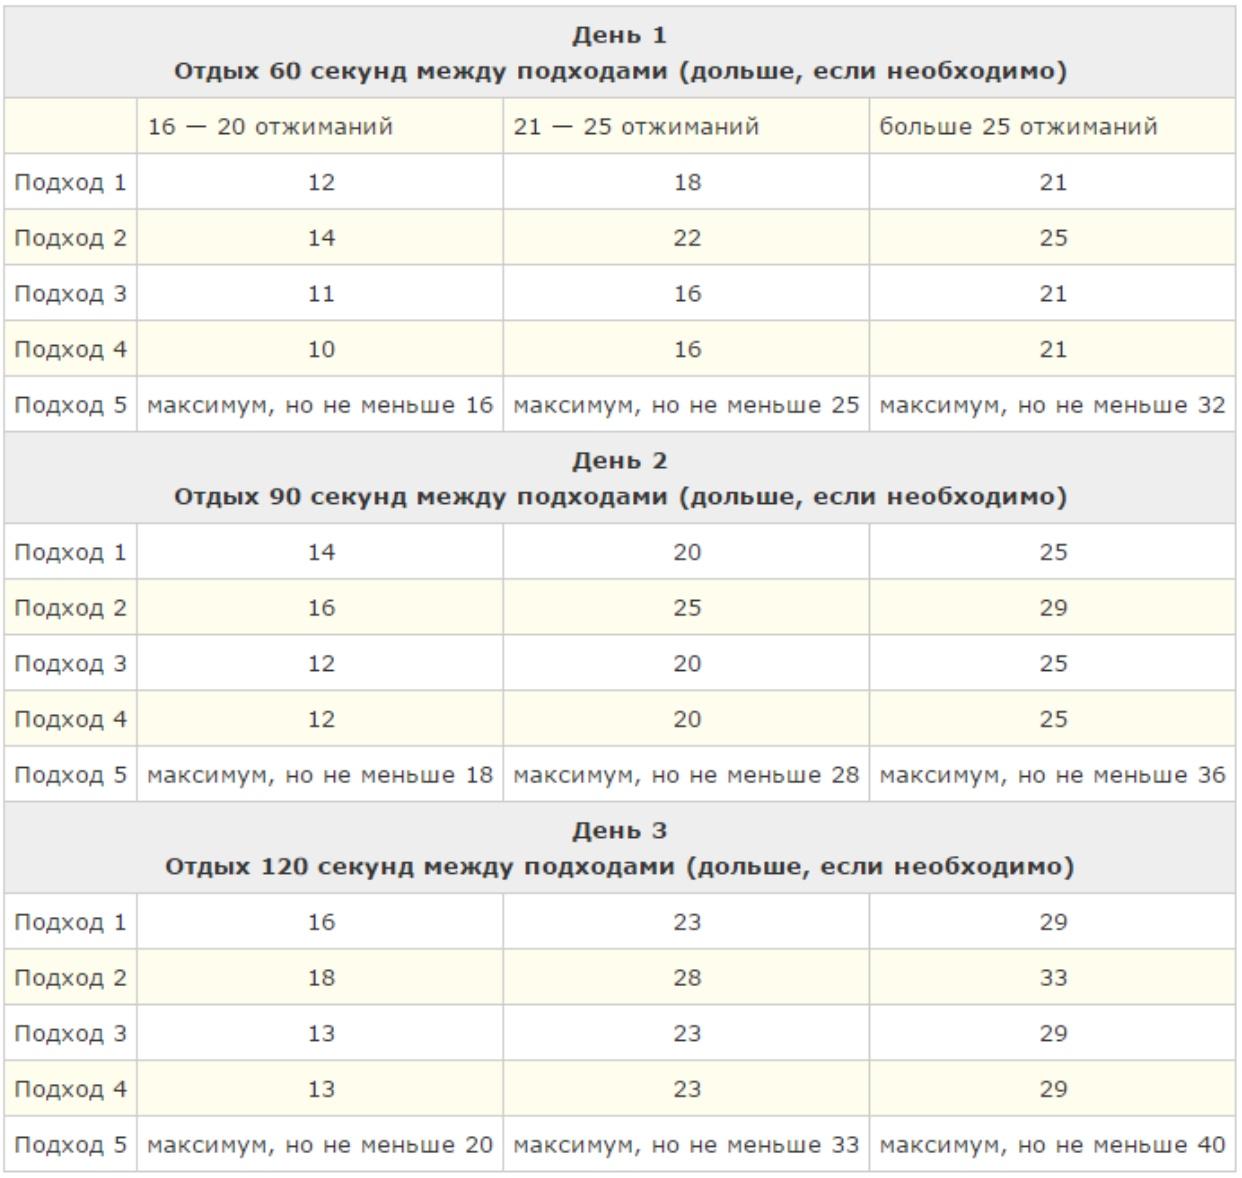 Таблица 4. Четвертая неделя тренировок